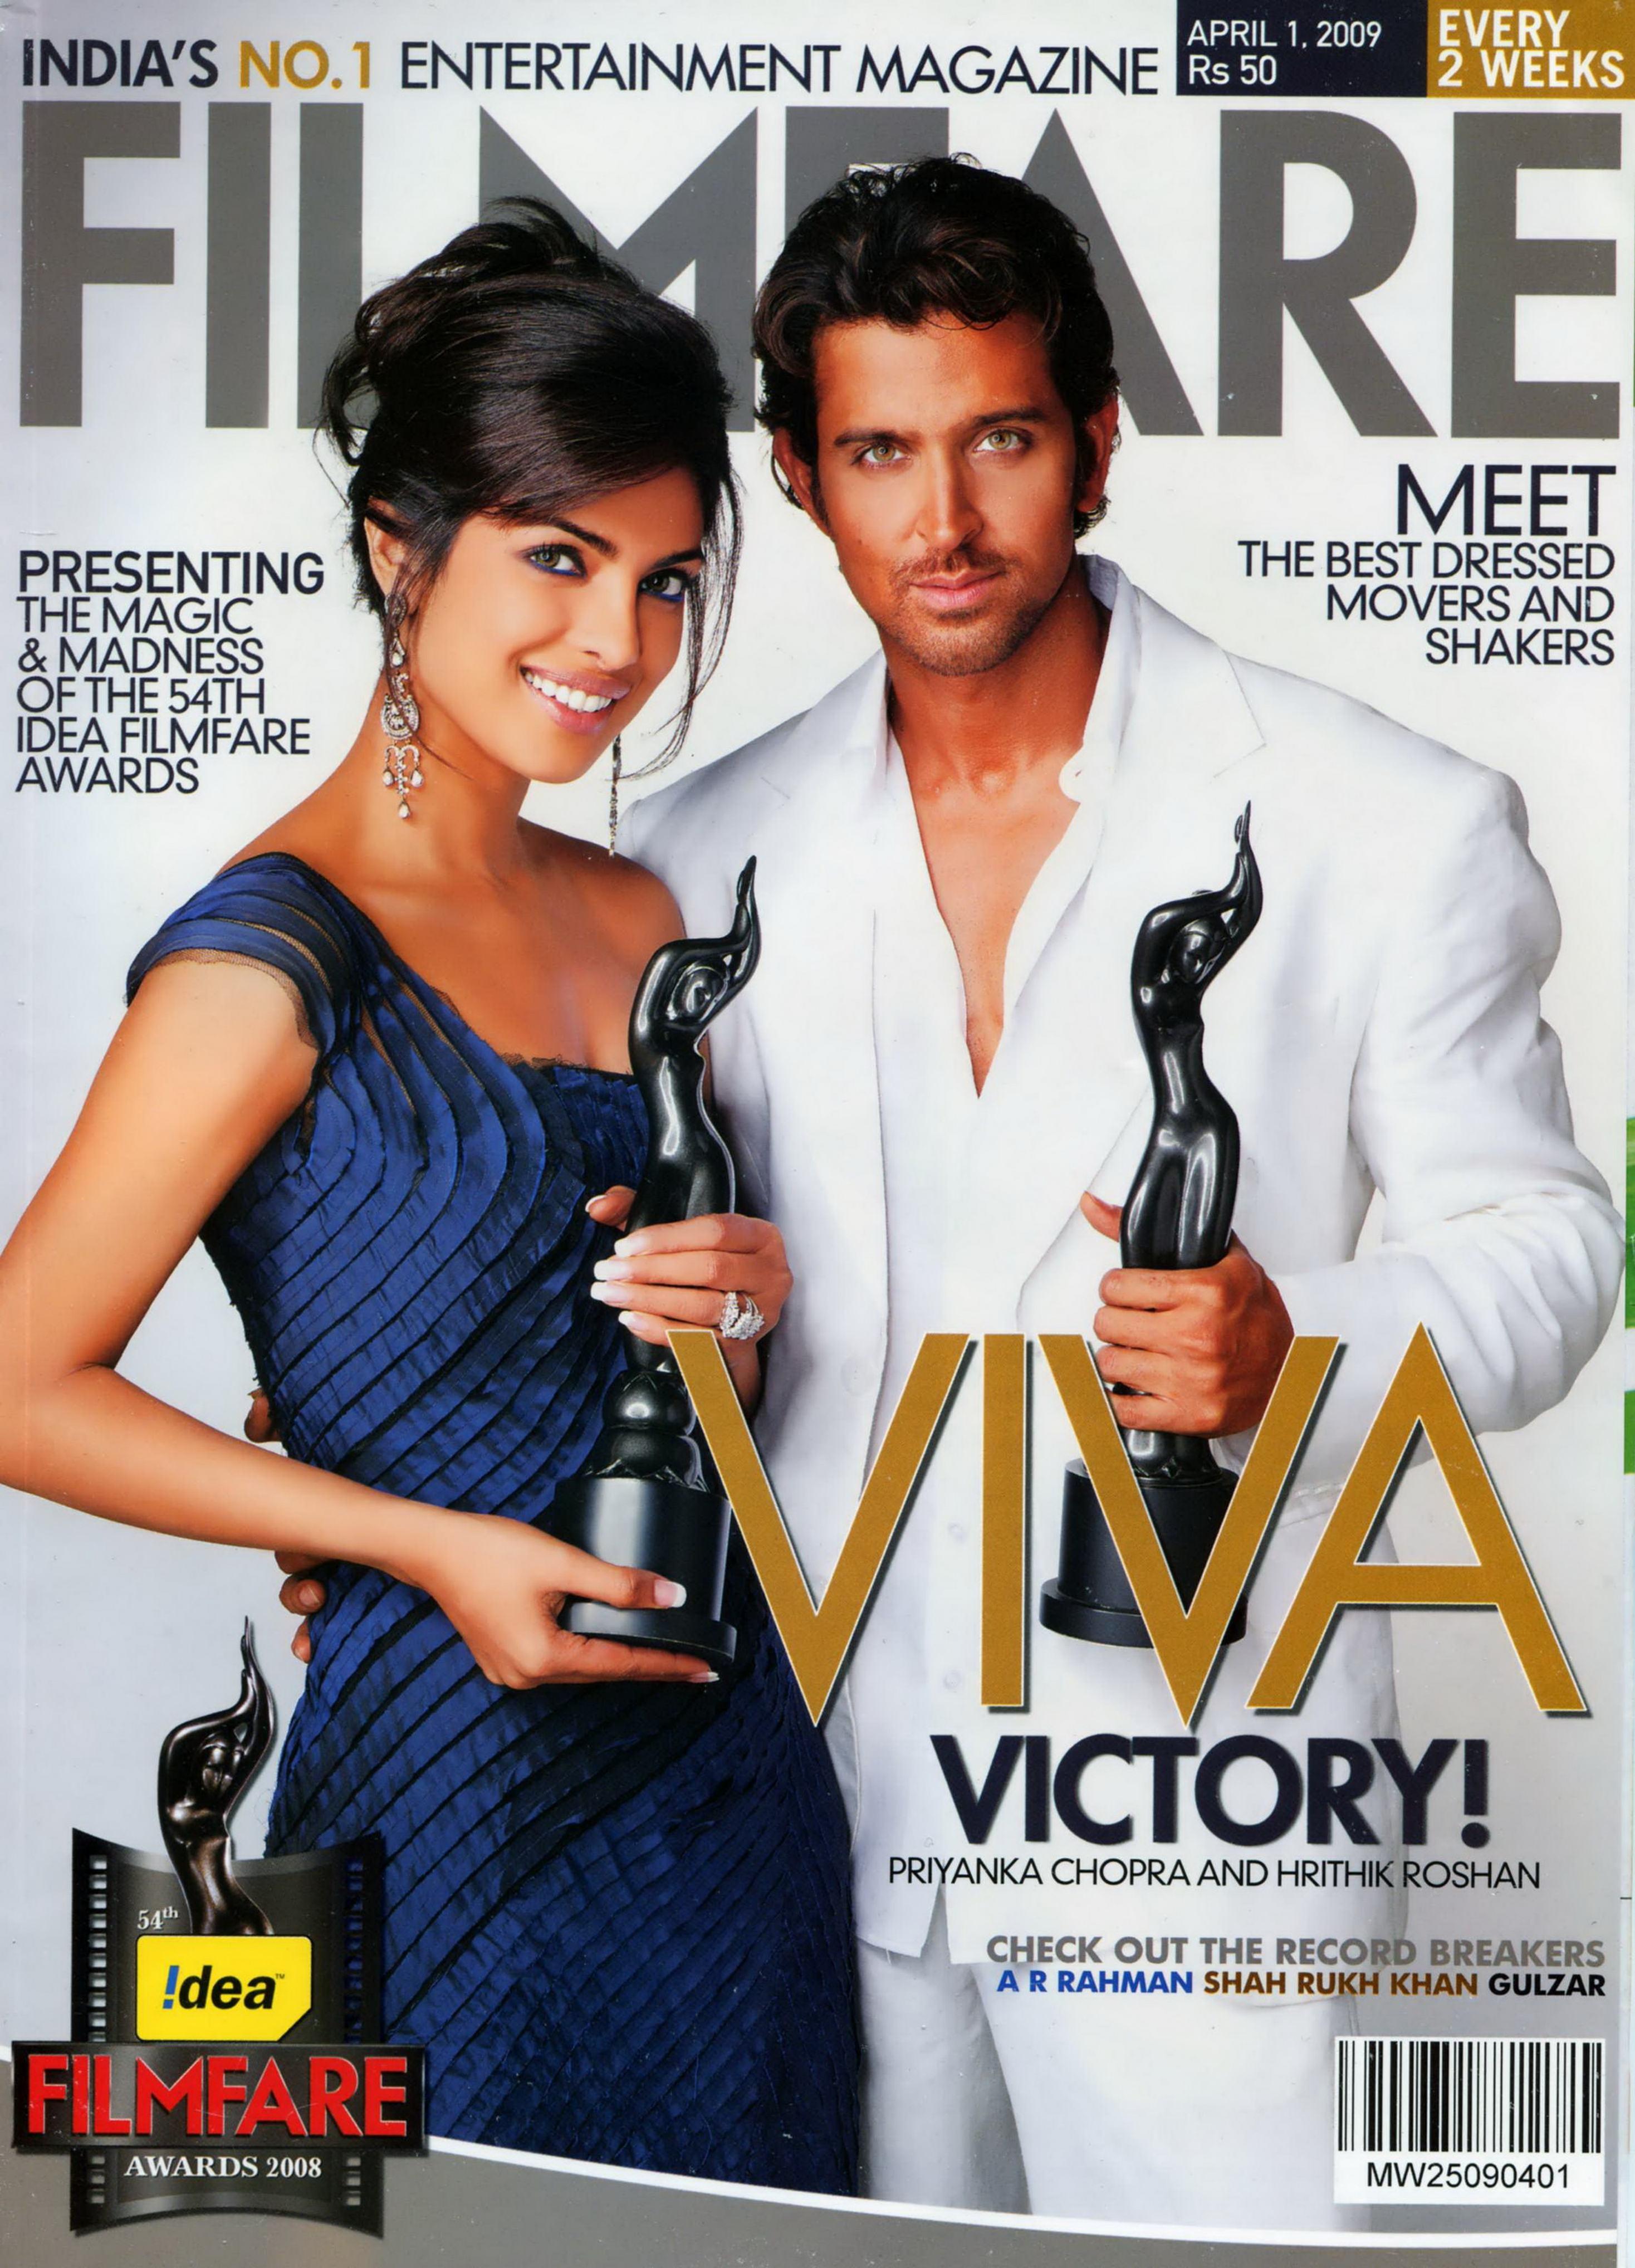 Filmfare_2009_04_01jpg_Page1.jpg